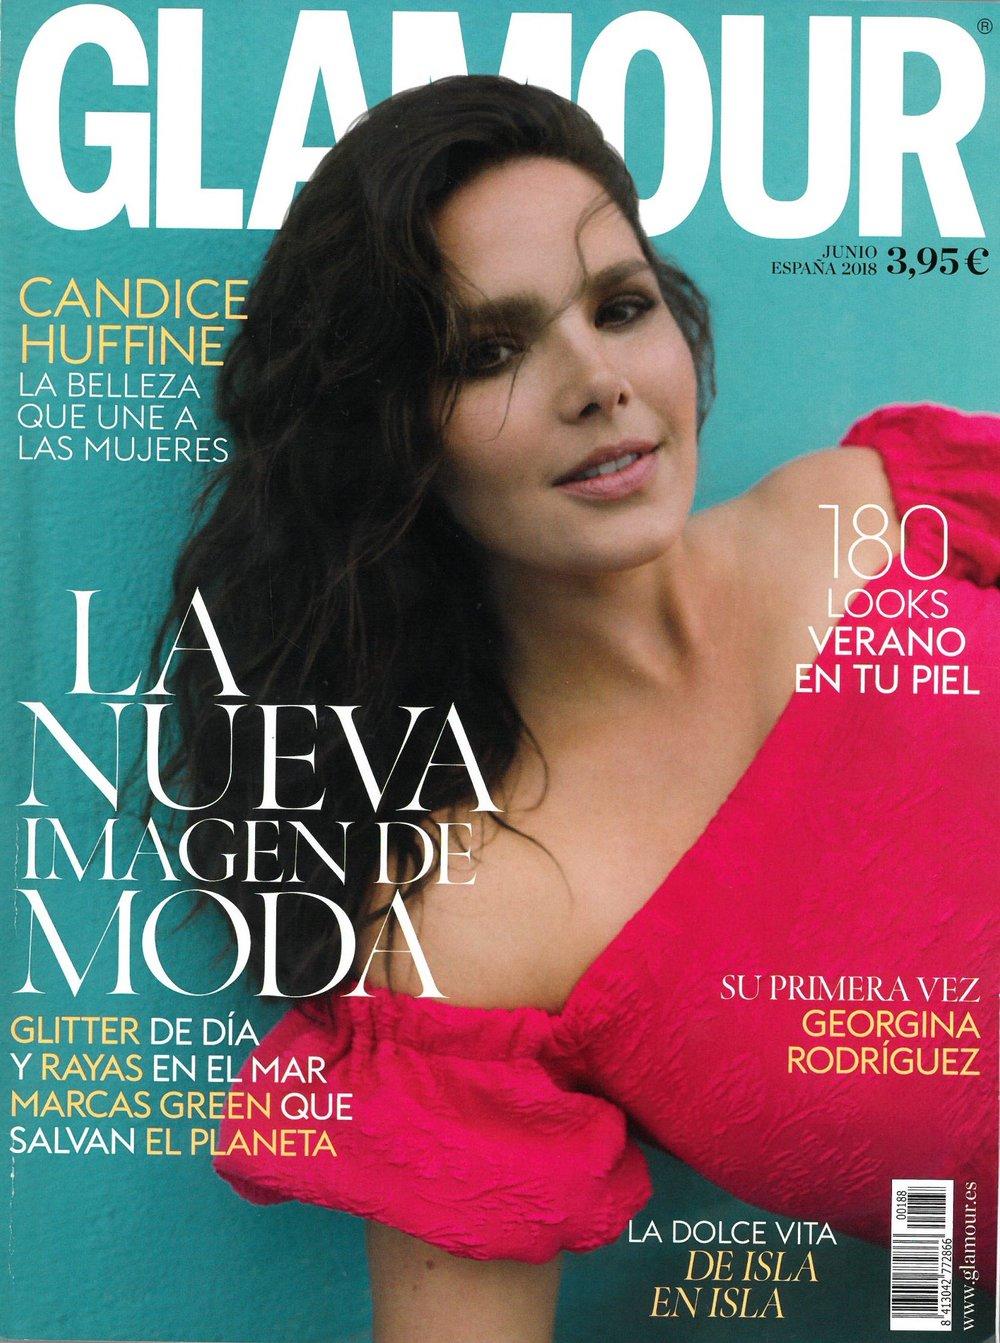 01_06_18_GLAMOUR_COVER..jpg